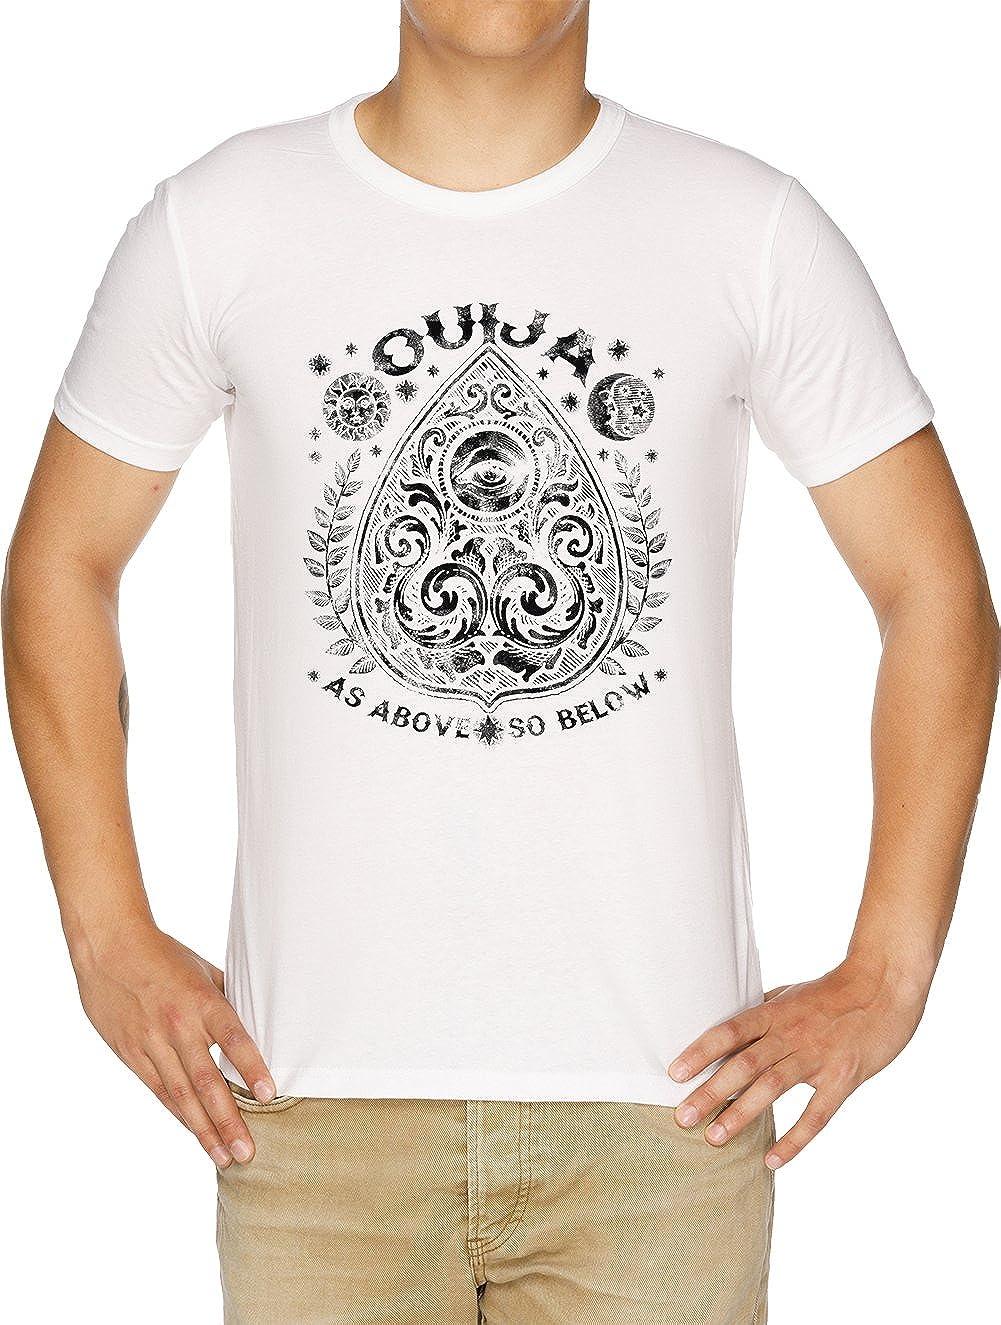 Vendax Victoriano Tabla DE ESPIRITISMO tablita Camiseta Hombre Blanco: Amazon.es: Ropa y accesorios